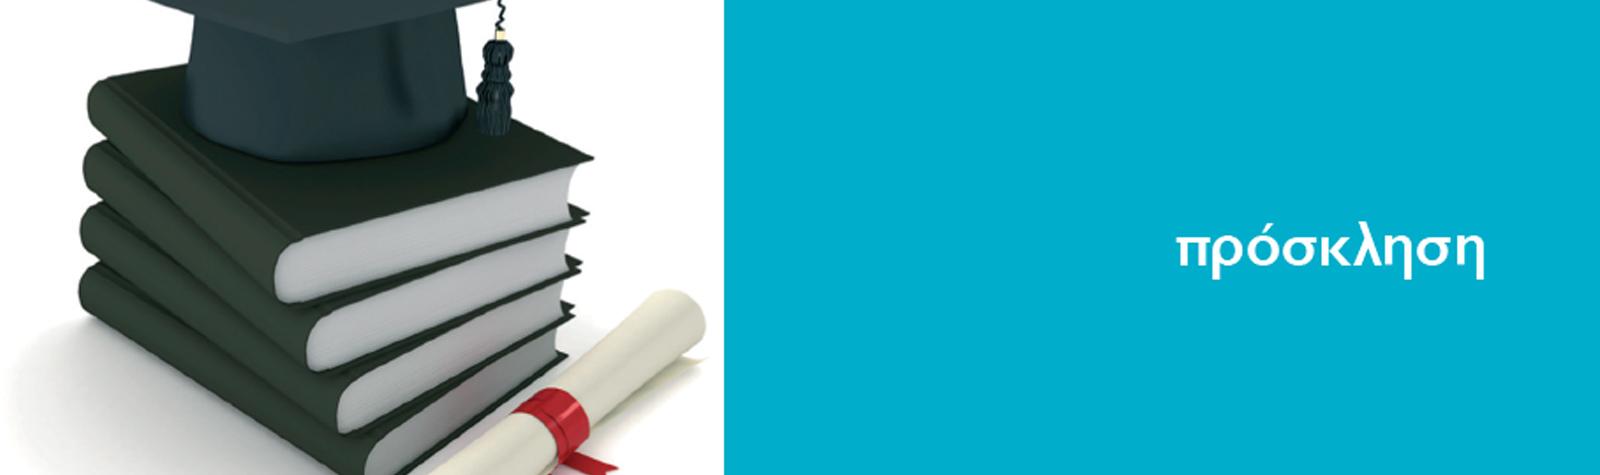 Εκδήλωση Αποφοίτων και Τελετή Βράβευσης των Πρωτευσάντων Φοιτητών/τριών τoυ Τμήματος